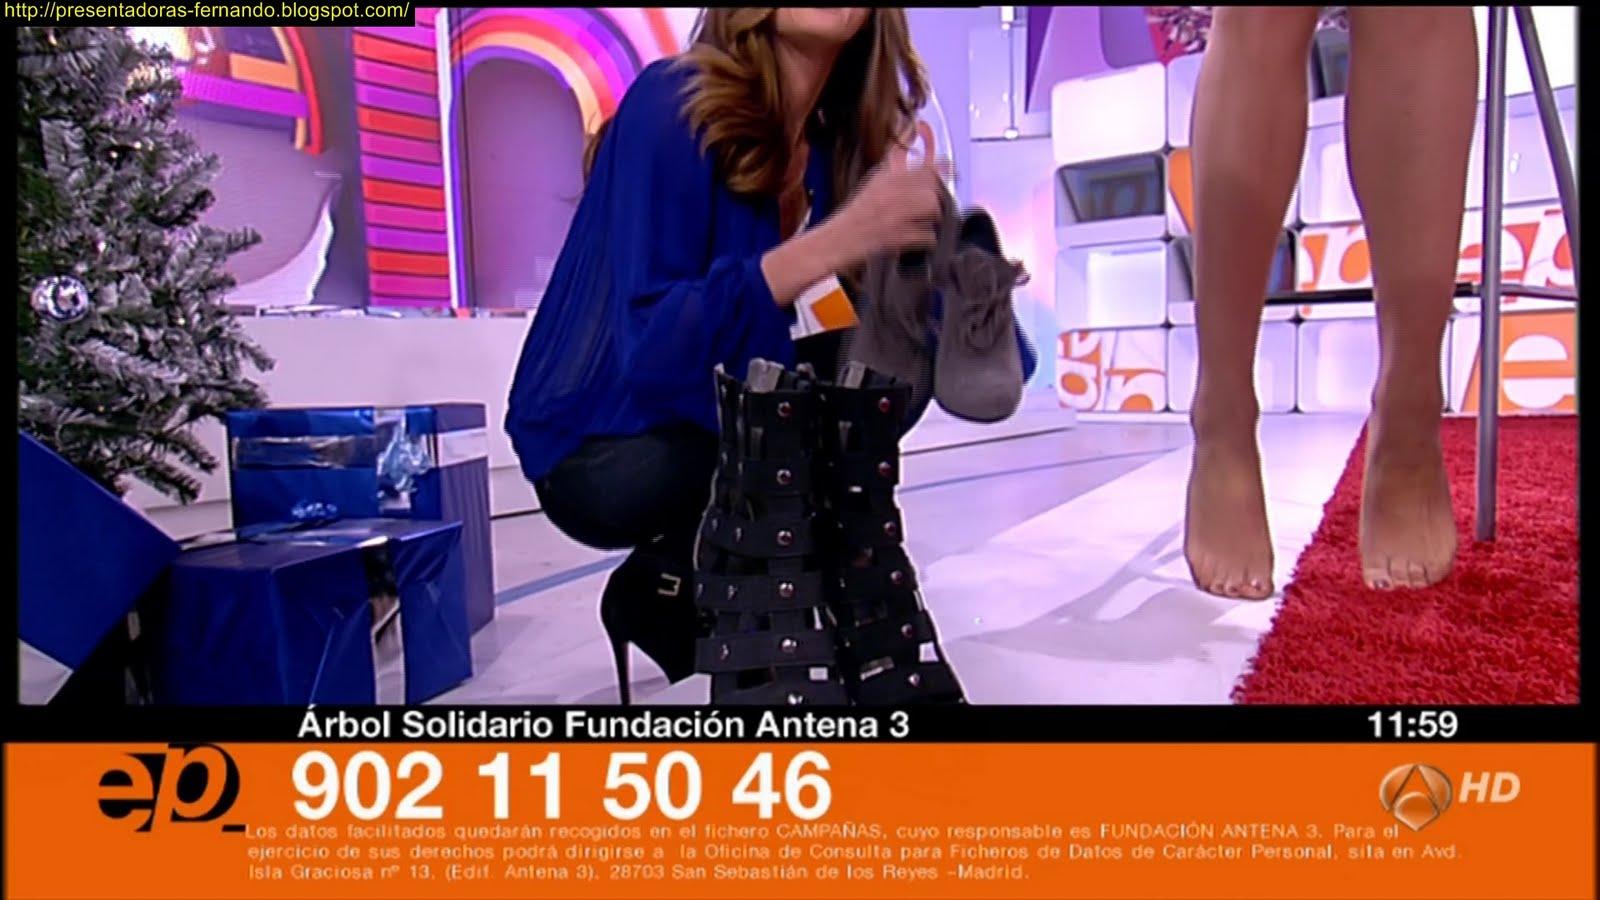 Rebeca garcia 10 fotos 5 videos descarga el pack httpscpmlinknetqdriaa - 1 3